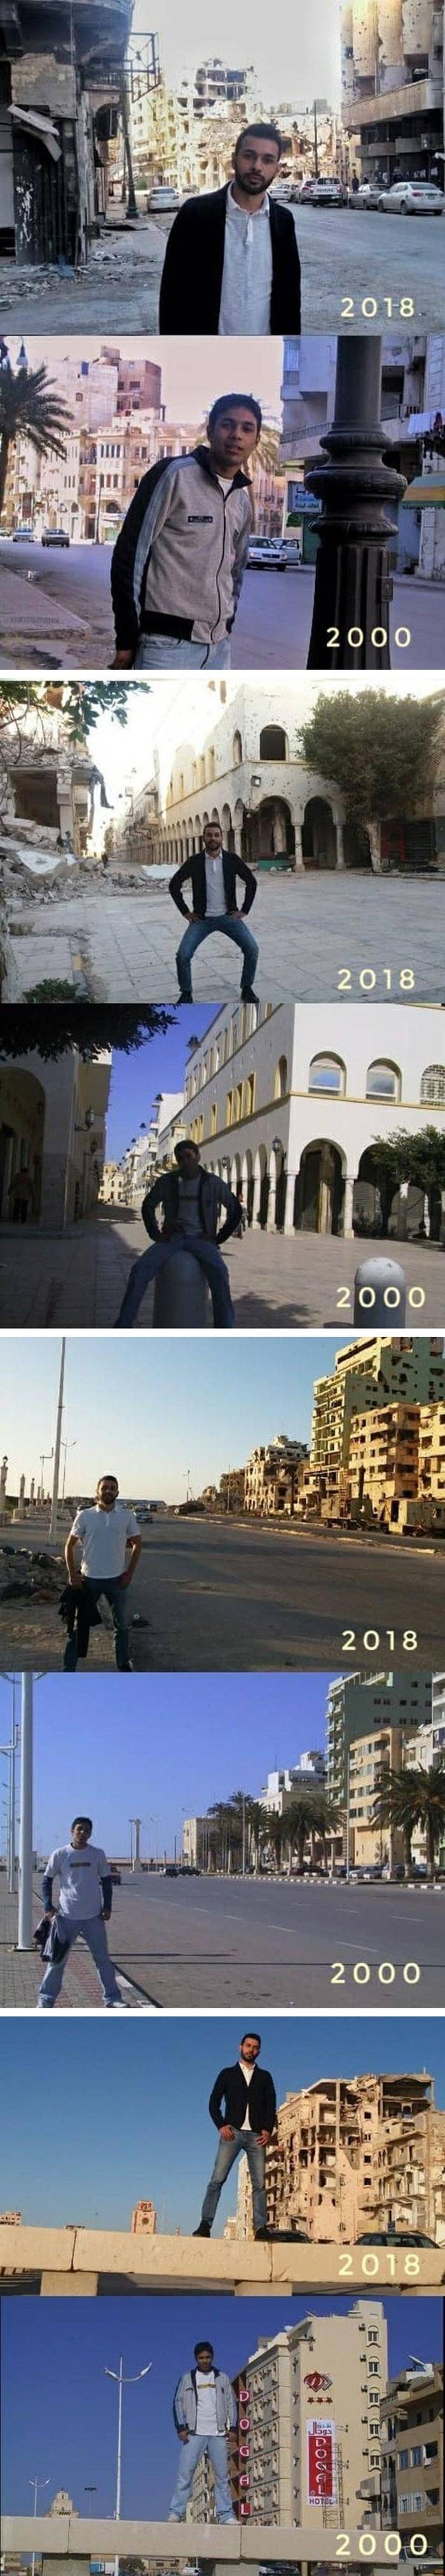 Slikao se na istim mjestima 2000. i 2018. godine te pokazao tužnu istinu o Siriji